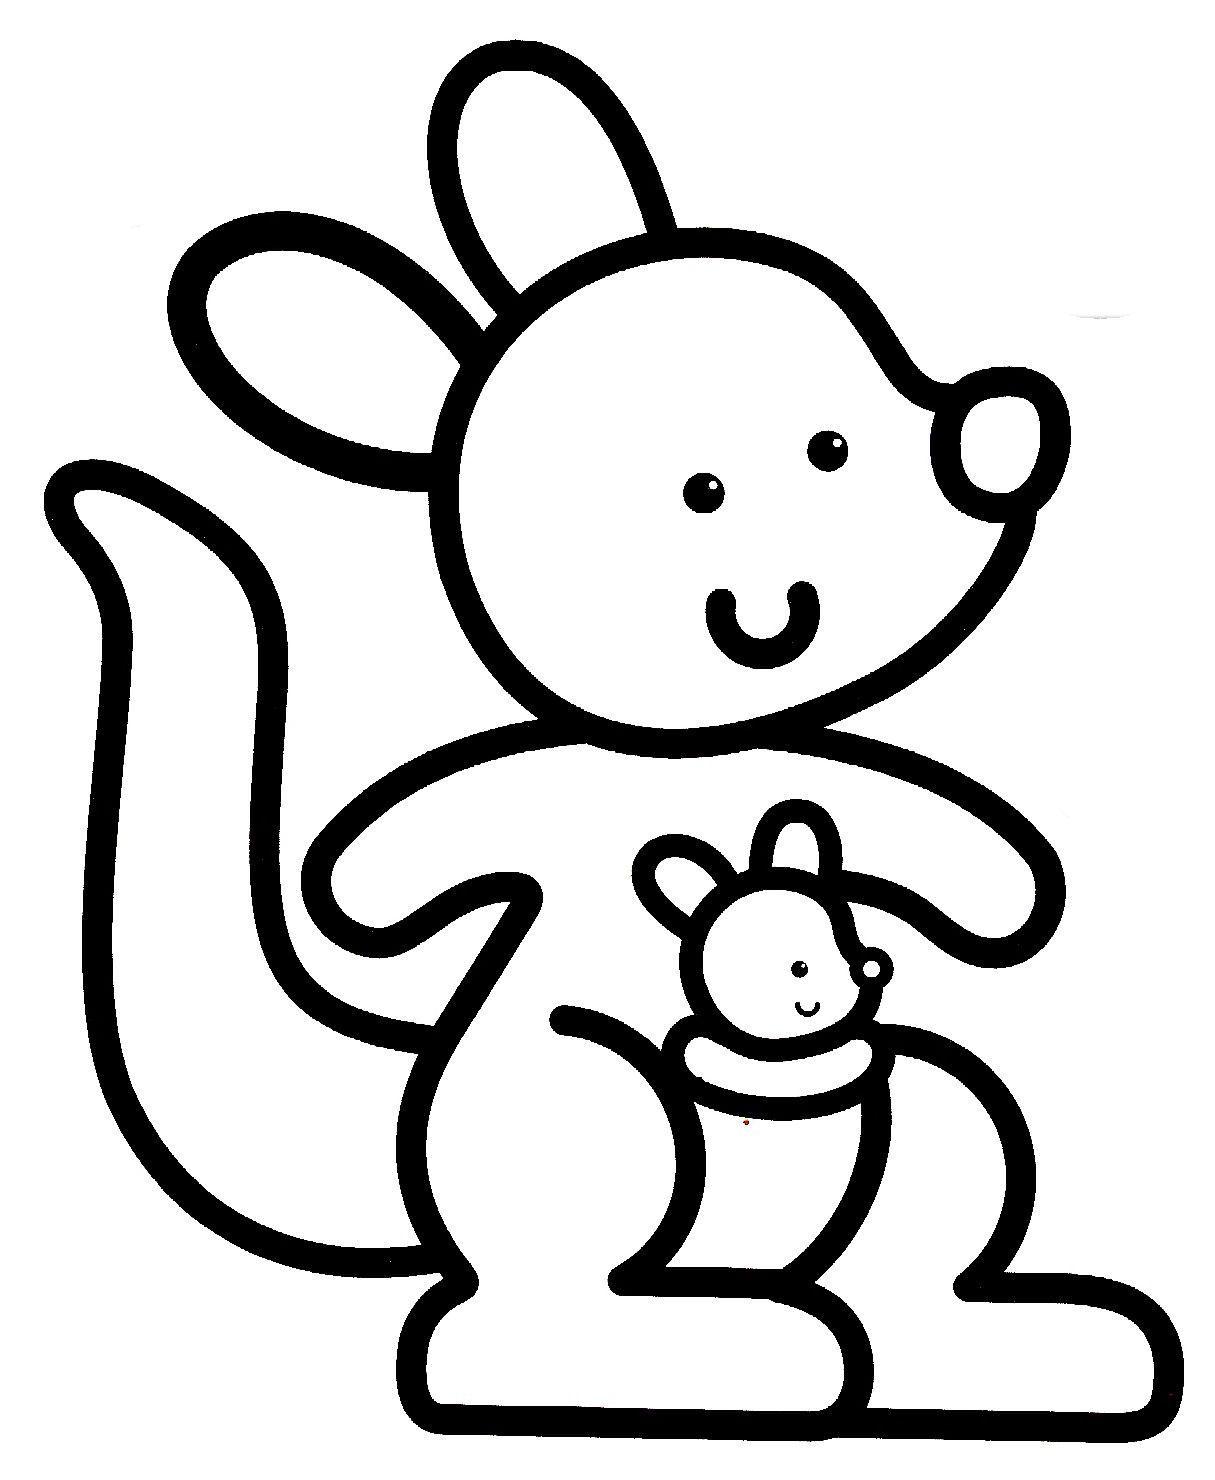 30 Coloriage 7 Ans Fille Facile Coloriage Animaux Coloriage Enfant Coloriage